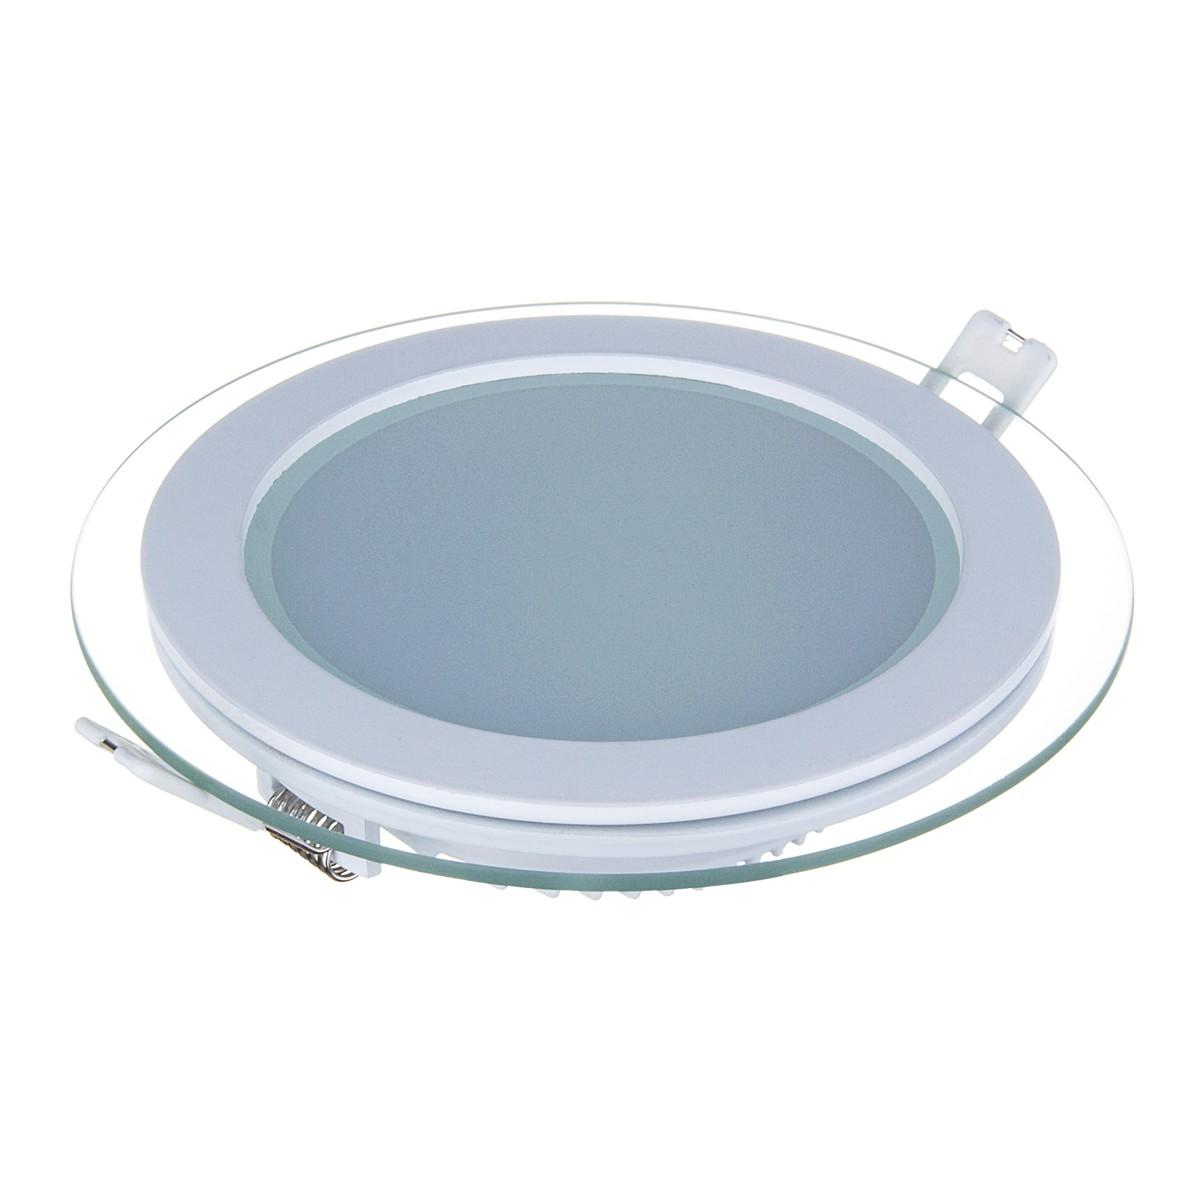 Дополнительное фото 1 товара Встраиваемый светильник Elektrostandard Downlight a031836